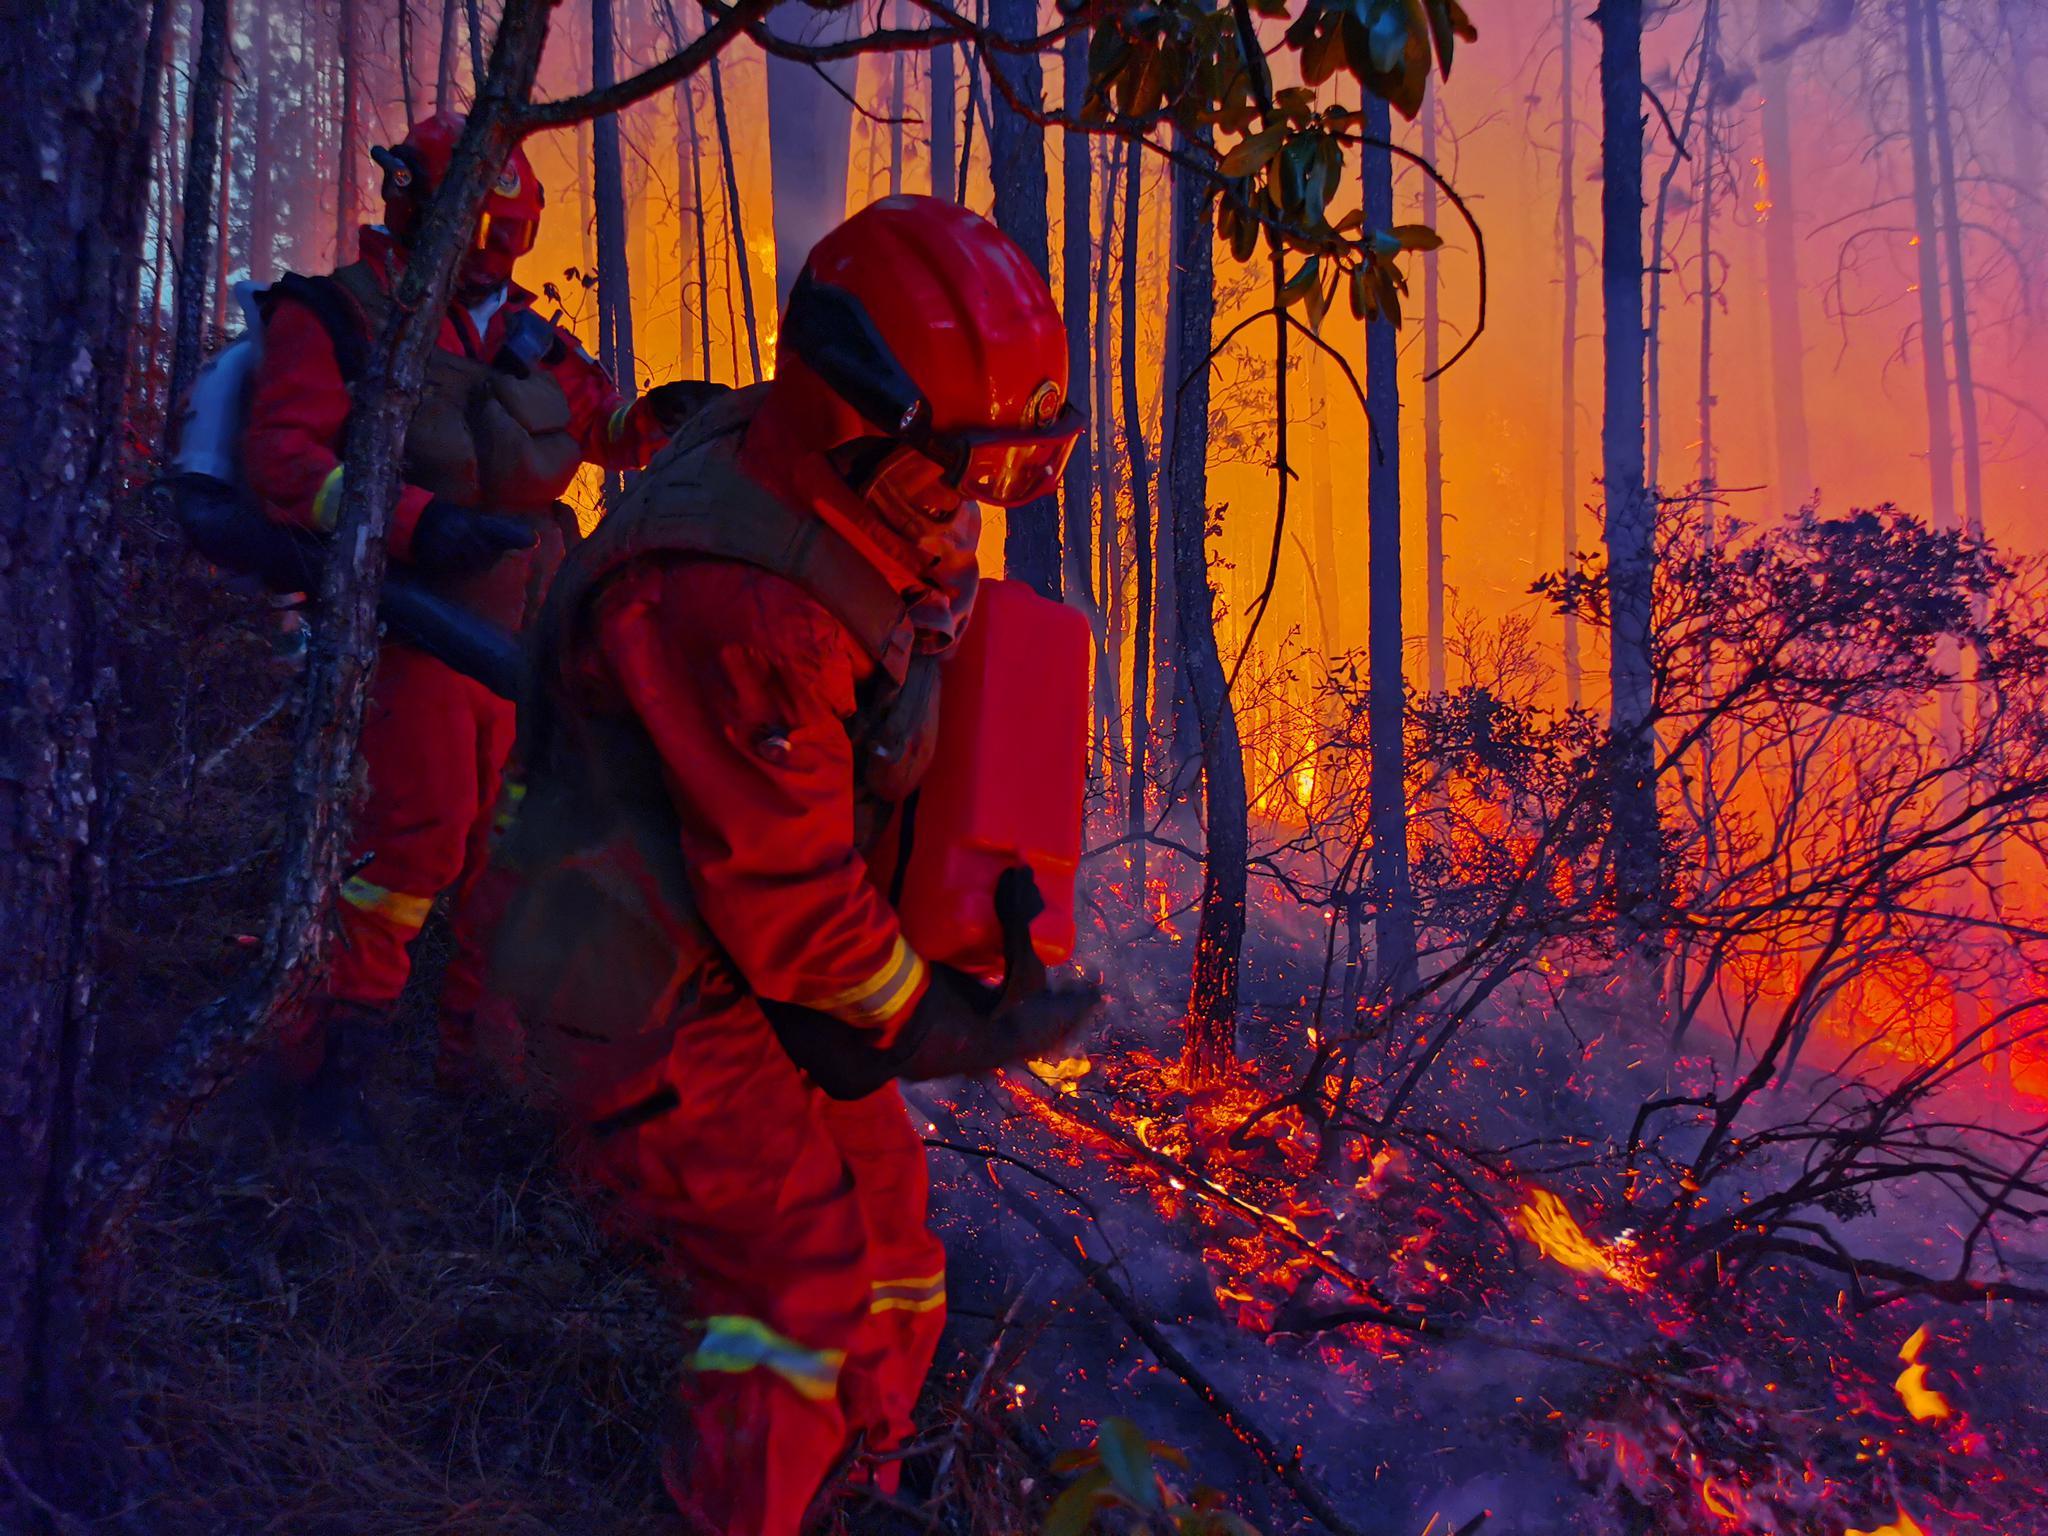 云南香格里拉森林火灾明火已全部扑灭